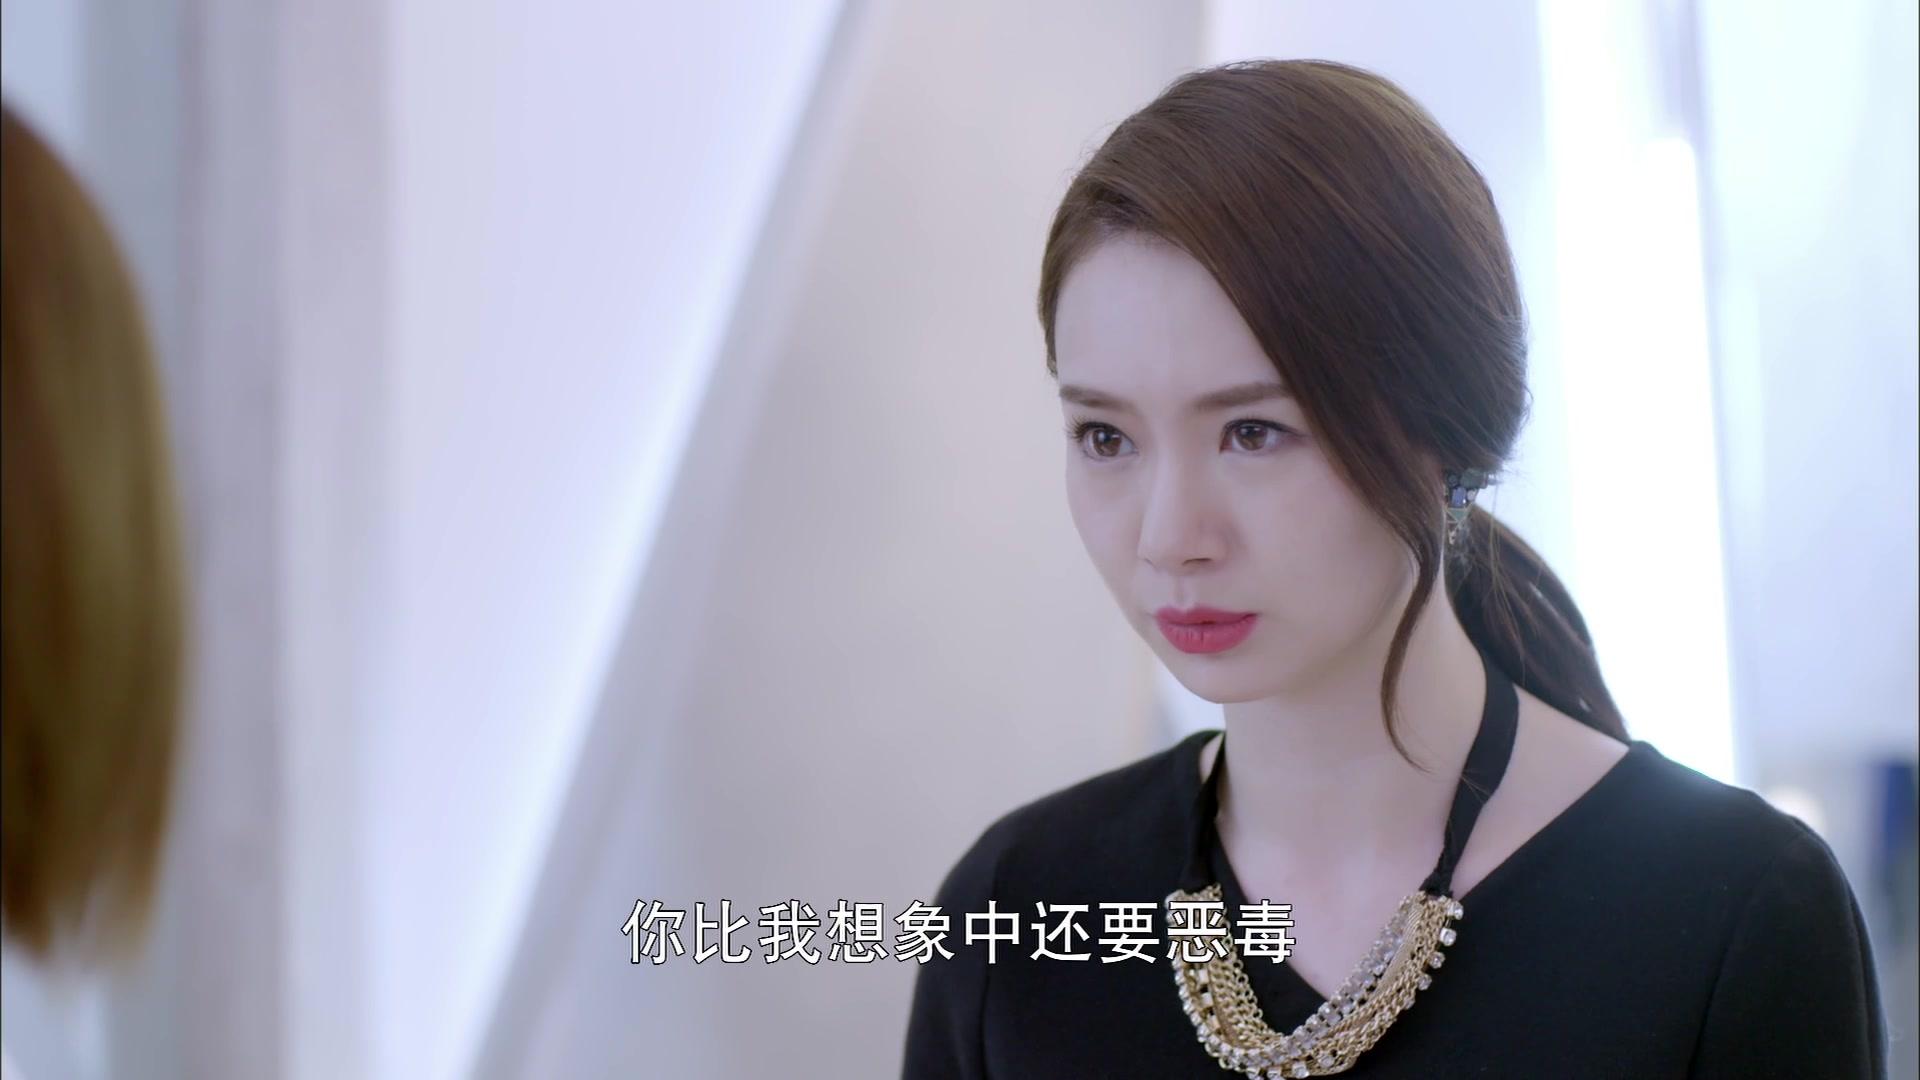 电视连续剧后妈_戚薇演的电视剧.htm -微博生活网